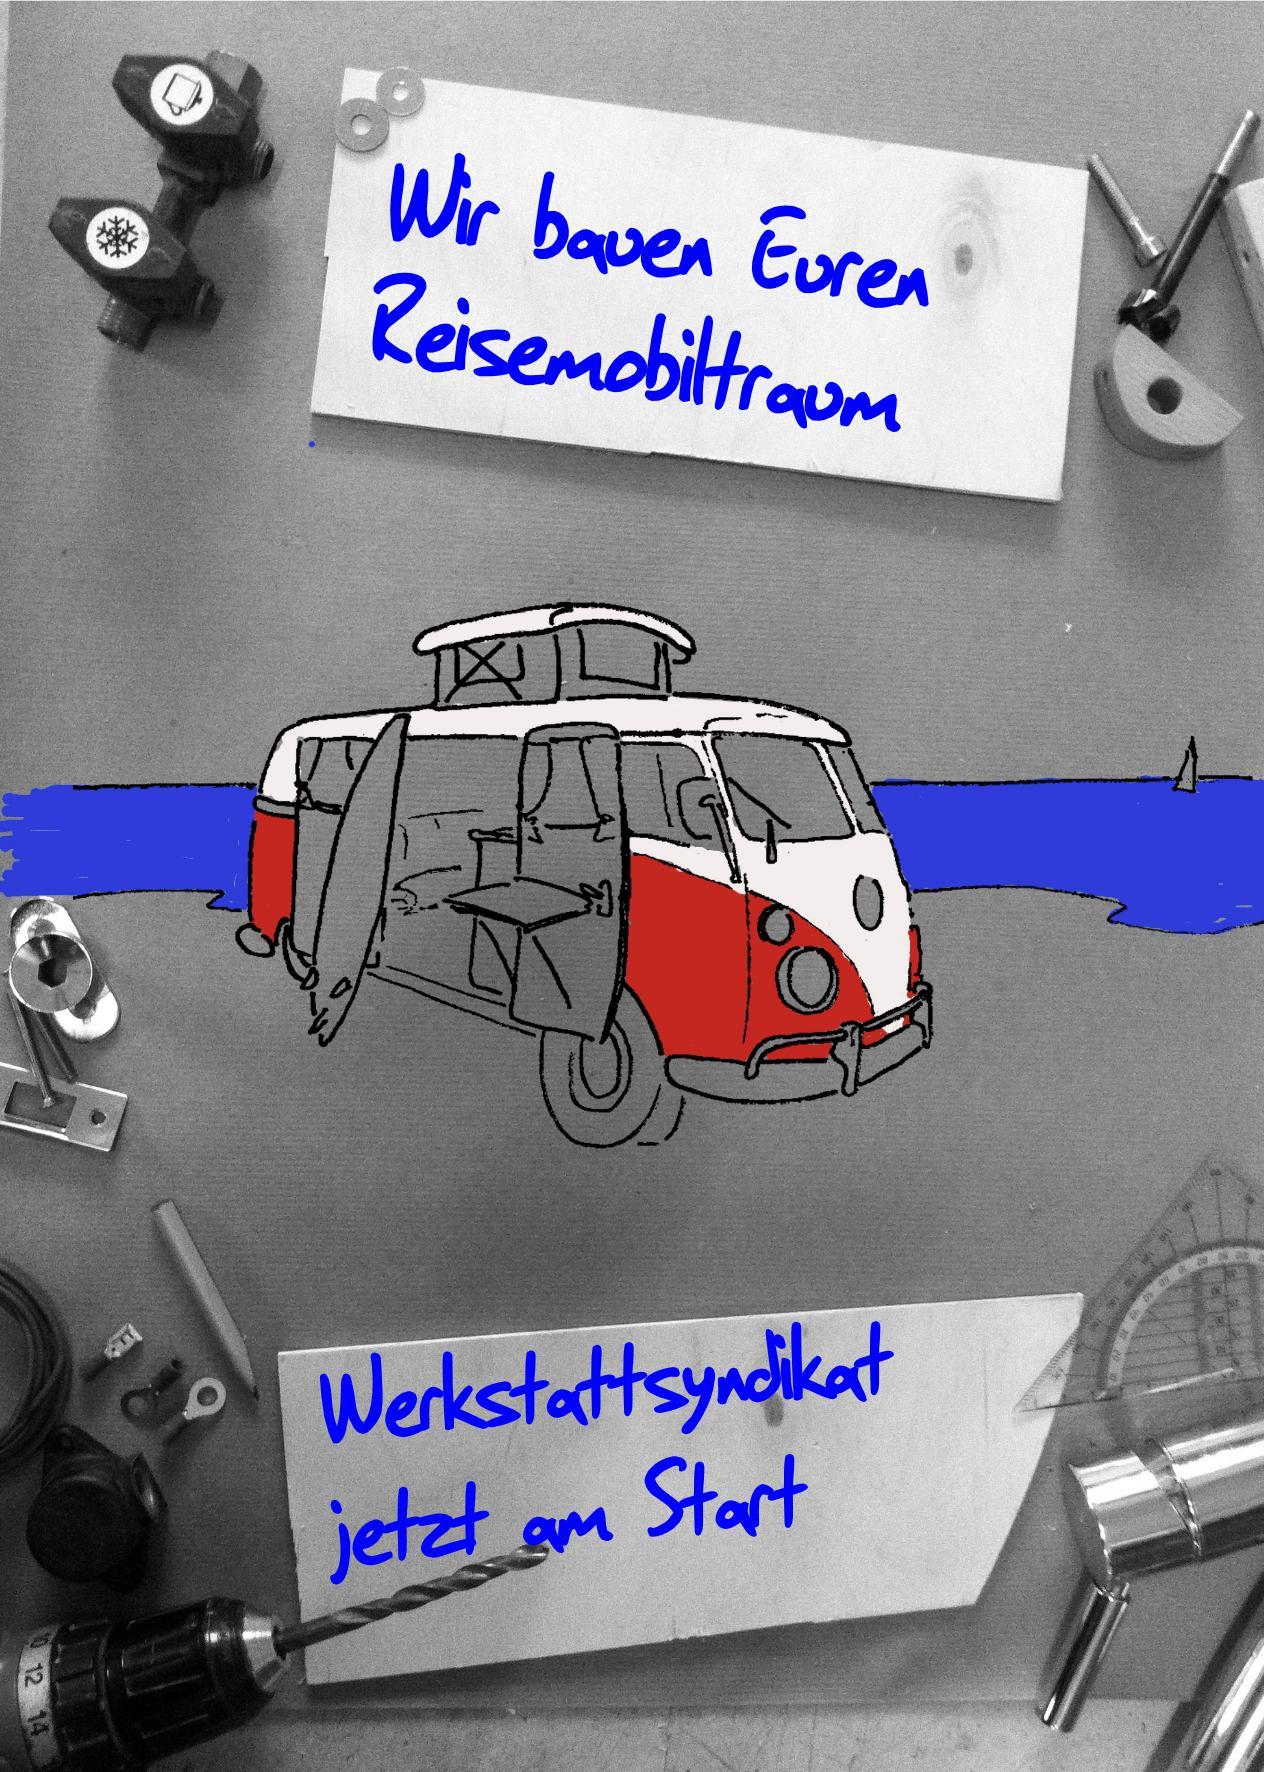 Werkstattsyndikat - Wohnmobile in Freiburg Au